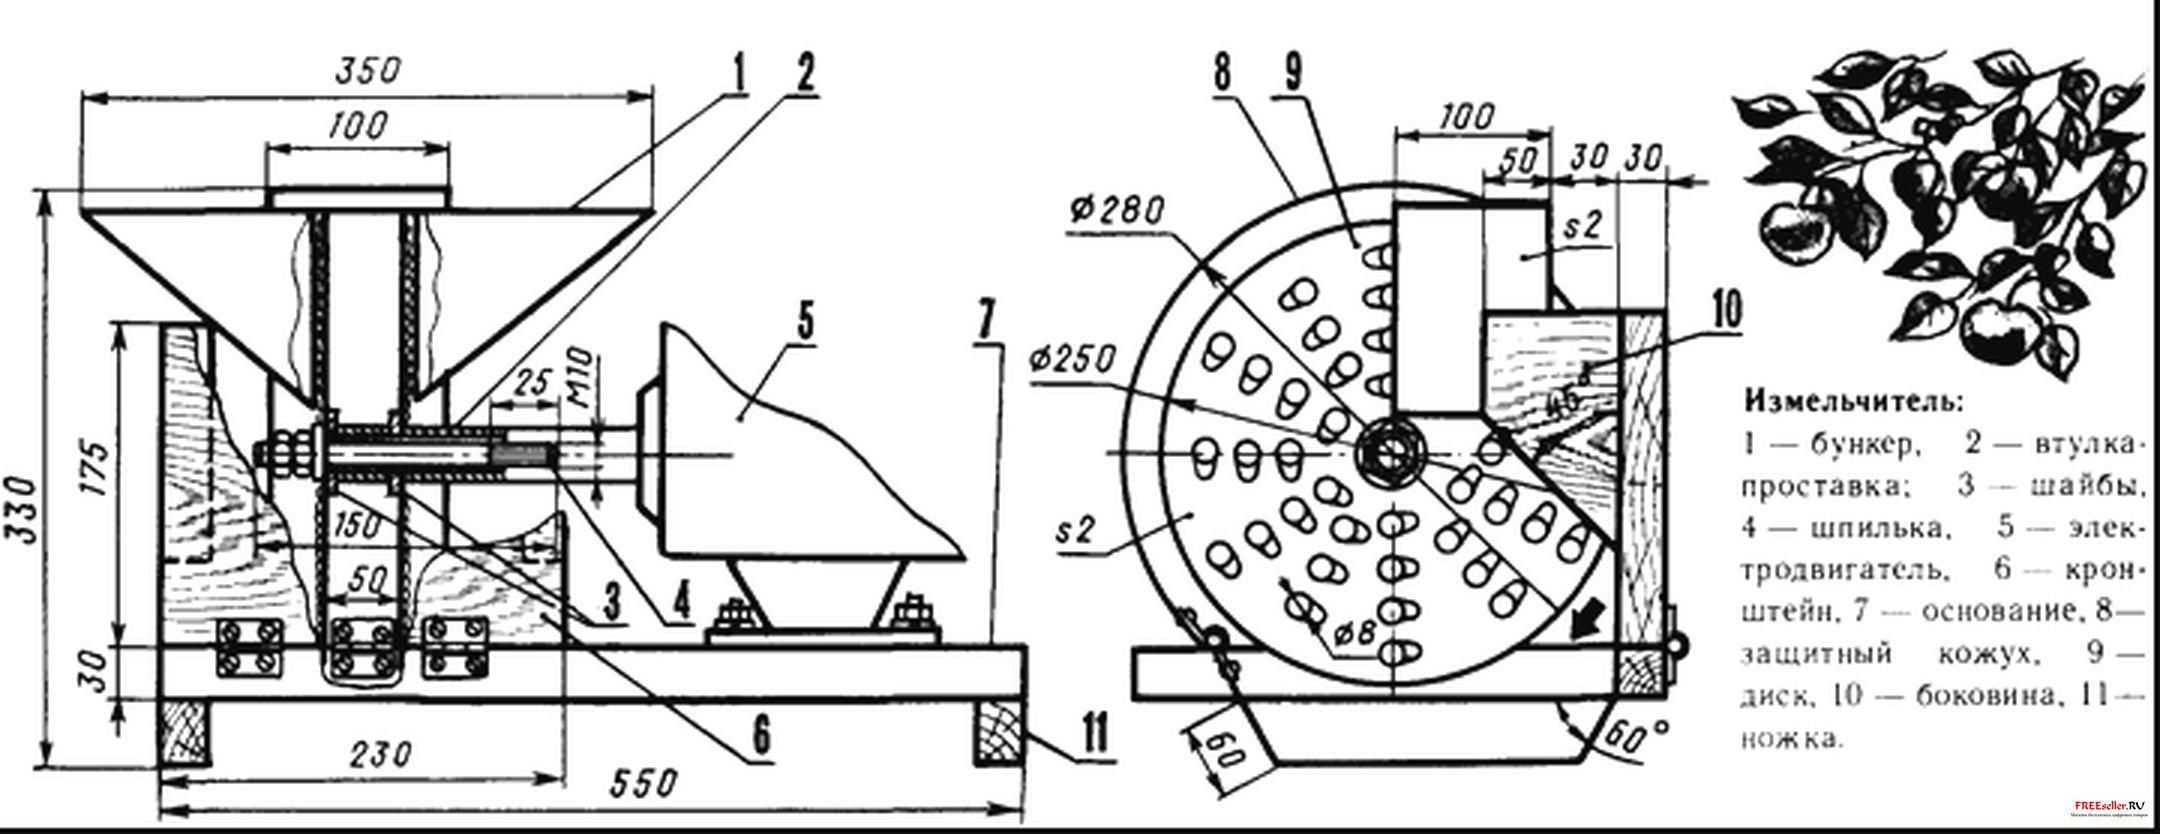 Дробилка для яблок схемы и чертежи конусная дробилка в аренду